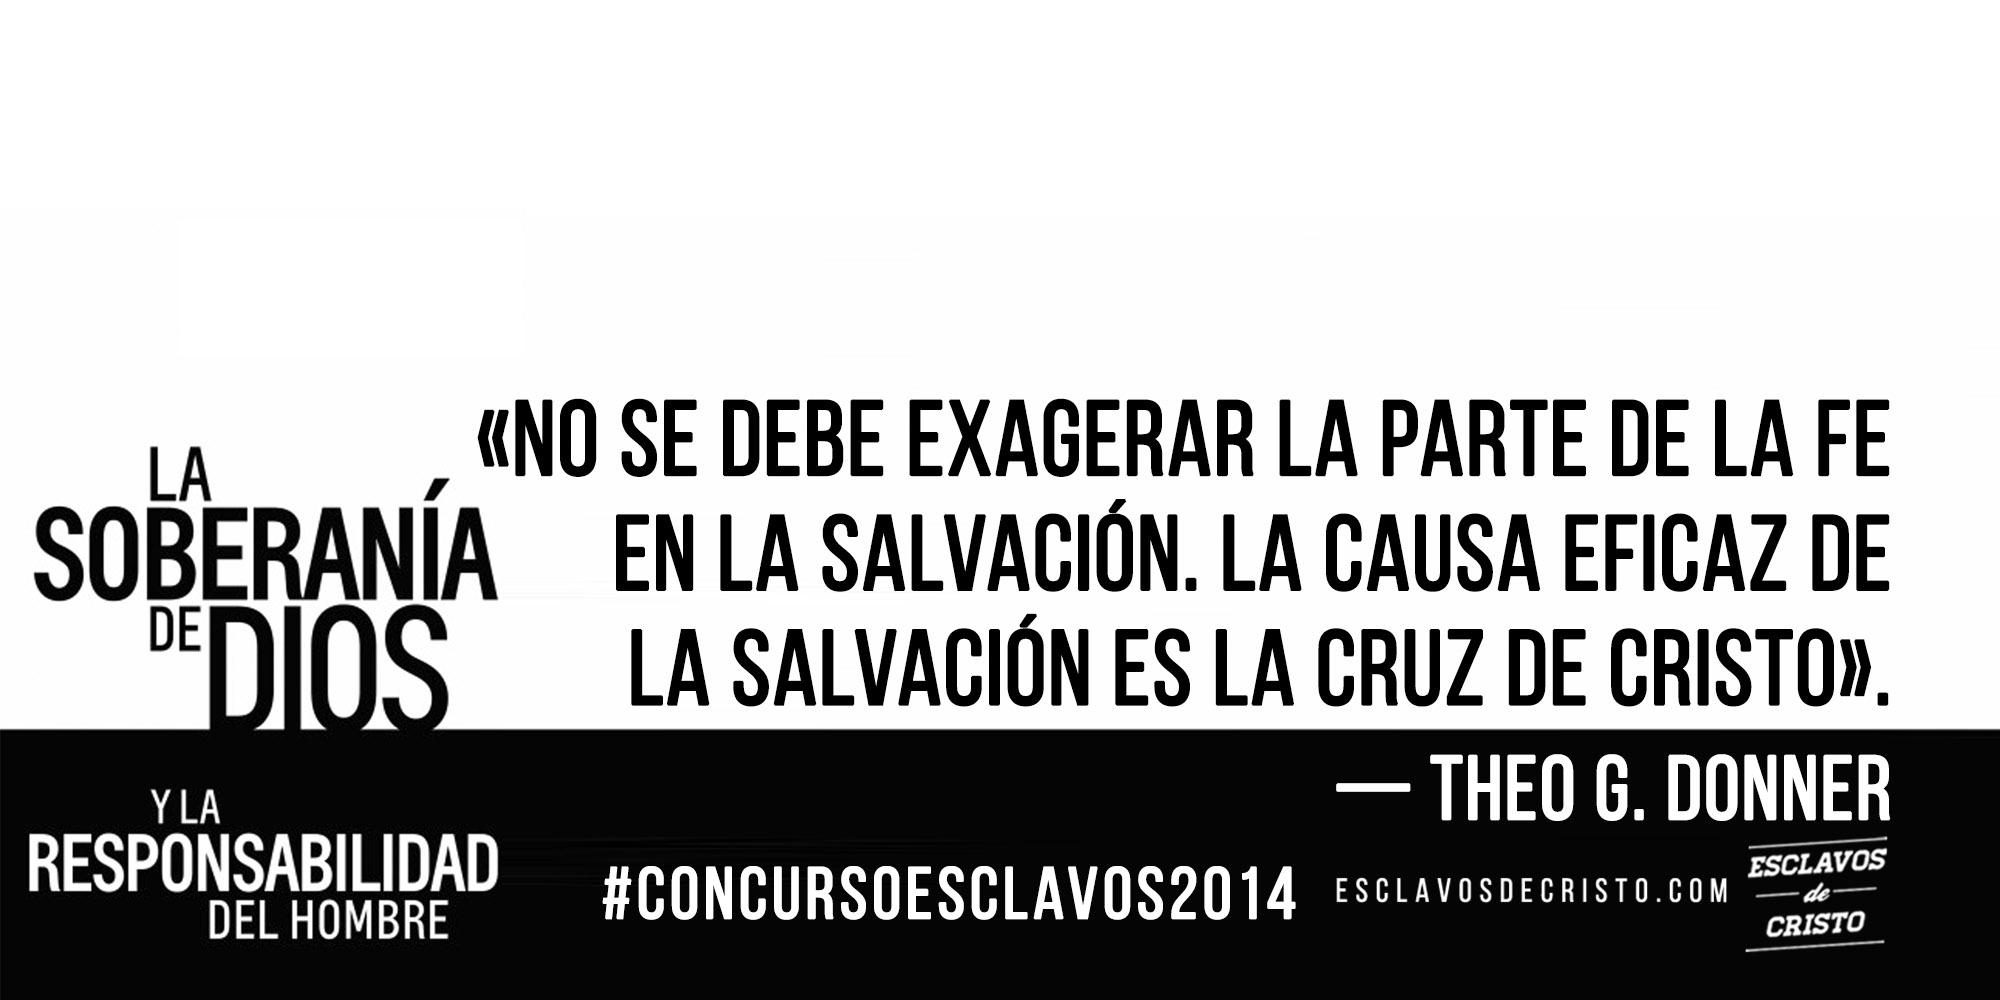 """Regalamos un libro """"La soberanía de Dios y La responsabilidad del hombre"""" — Theo G. Donner #concursoEsclavos2014"""